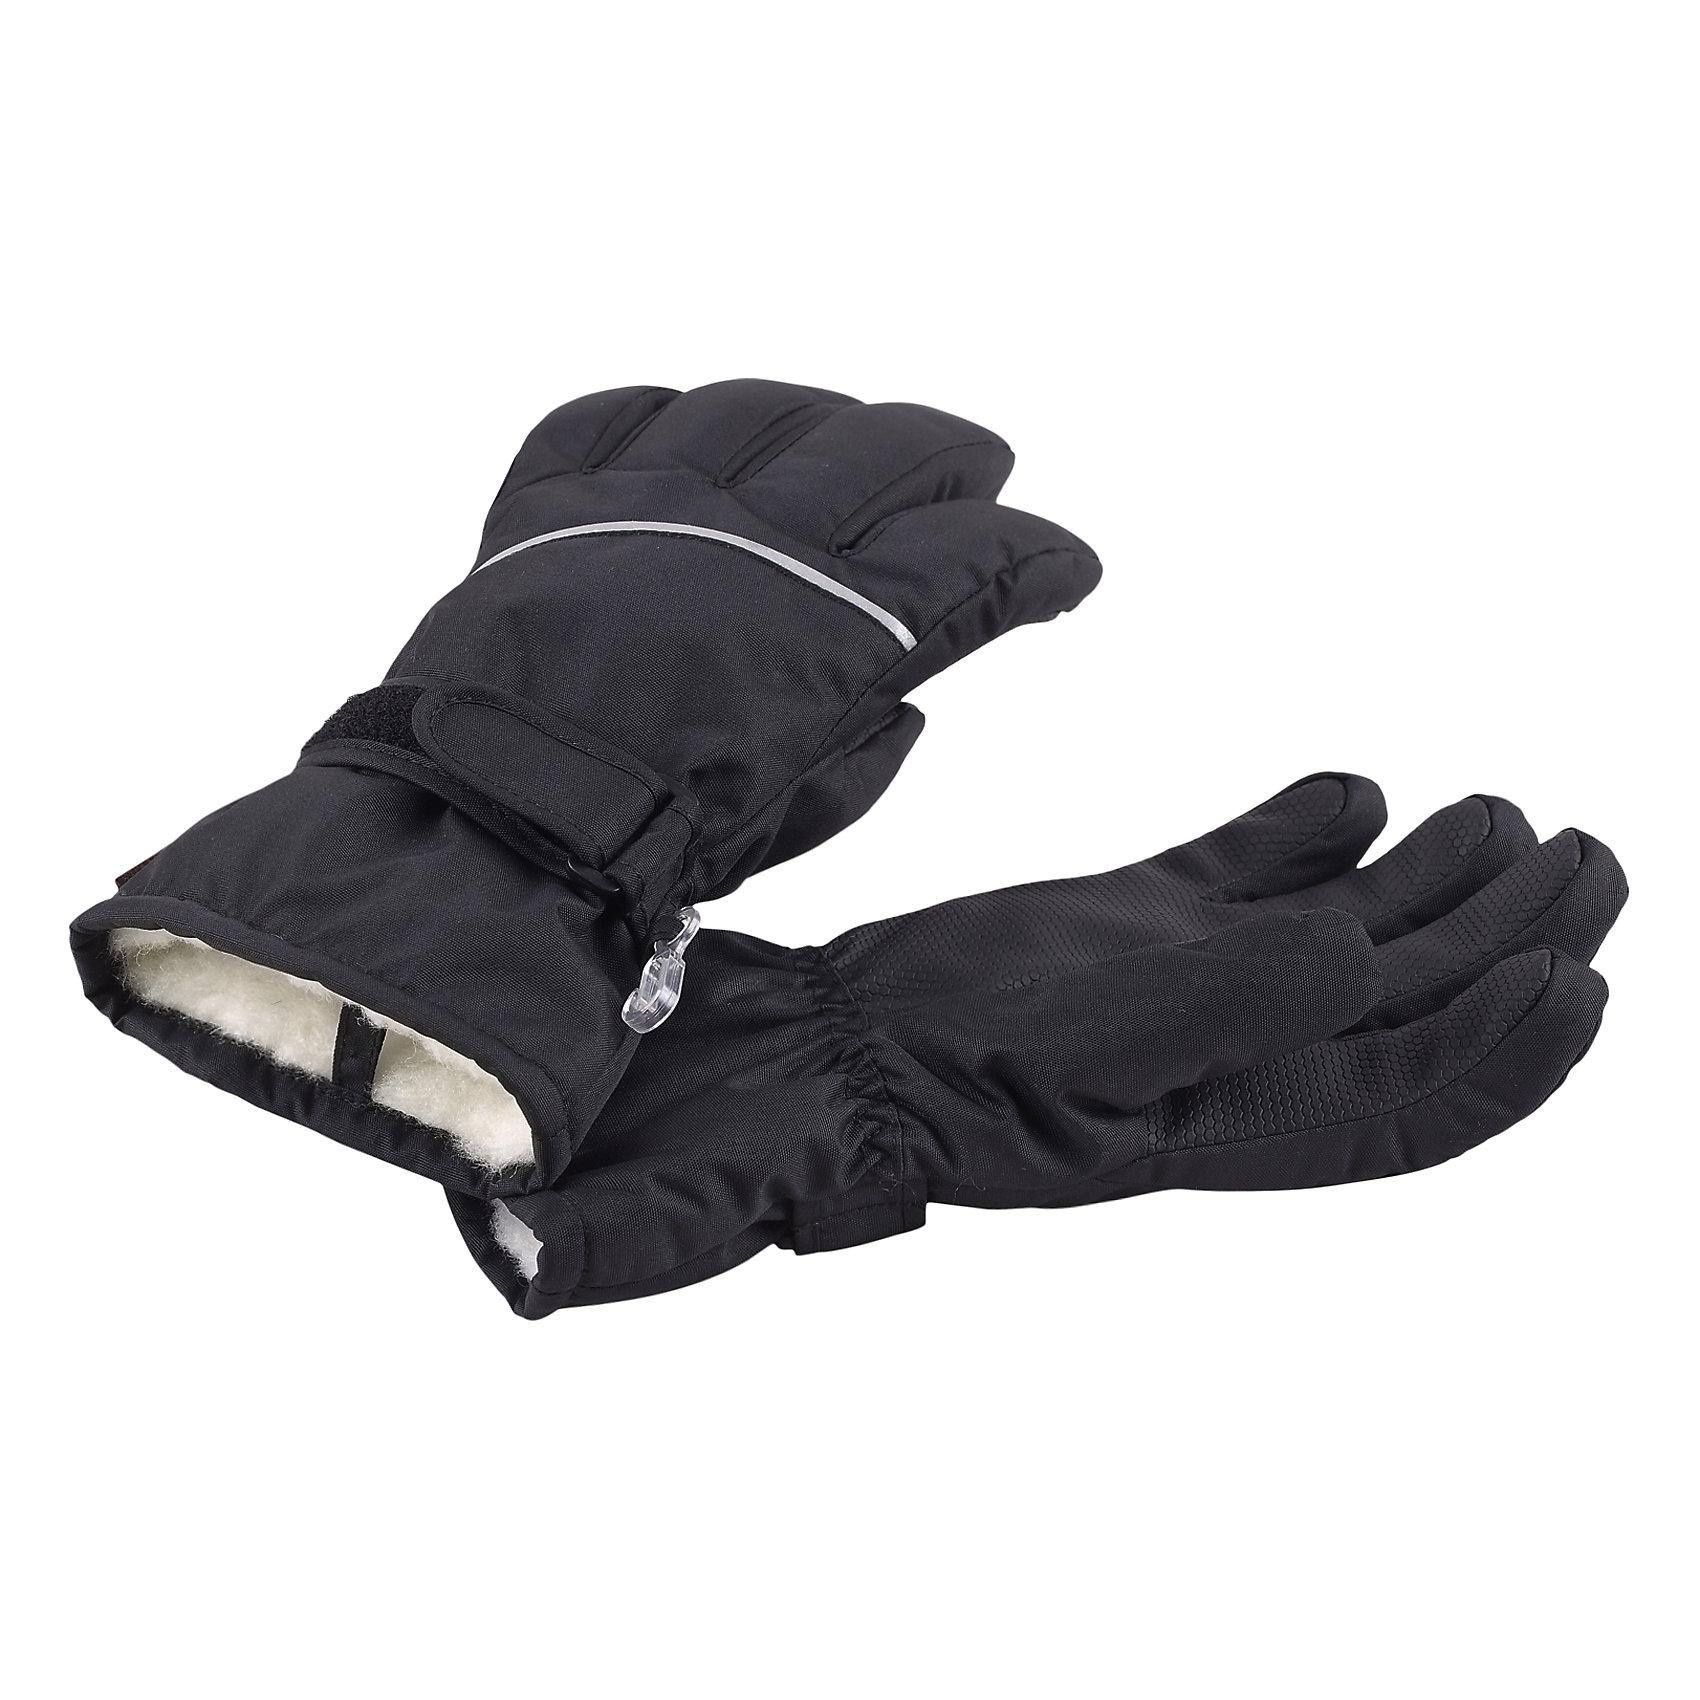 Перчатки Harald для мальчика ReimaПерчатки  Reima<br>Зимние перчатки для детей. Водонепроницаемый материал, вставки отсутствуют — товар не является водонепроницаемым. Водо- и ветронепроницаемый и грязеотталкивающий материал. Накладки на ладонях, кончиках пальцев и больших пальцах. Теплая ворсистая подкладка из ткани из смеси шерсти. Средняя степень утепления. Простая застежка на липучке. Логотип Reima® сбоку. Светоотражающие полосы.<br>Утеплитель: Reima® Comfortinsulation,80 g<br>Уход:<br>Стирать по отдельности. Стирать моющим средством, не содержащим отбеливающие вещества. Полоскать без специального средства. Сушить при низкой температуре. <br>Состав:<br>100% Полиамид, полиуретановое покрытие<br><br>Ширина мм: 162<br>Глубина мм: 171<br>Высота мм: 55<br>Вес г: 119<br>Цвет: черный<br>Возраст от месяцев: 144<br>Возраст до месяцев: 168<br>Пол: Мужской<br>Возраст: Детский<br>Размер: 8,3,4,5,6,7<br>SKU: 4779771